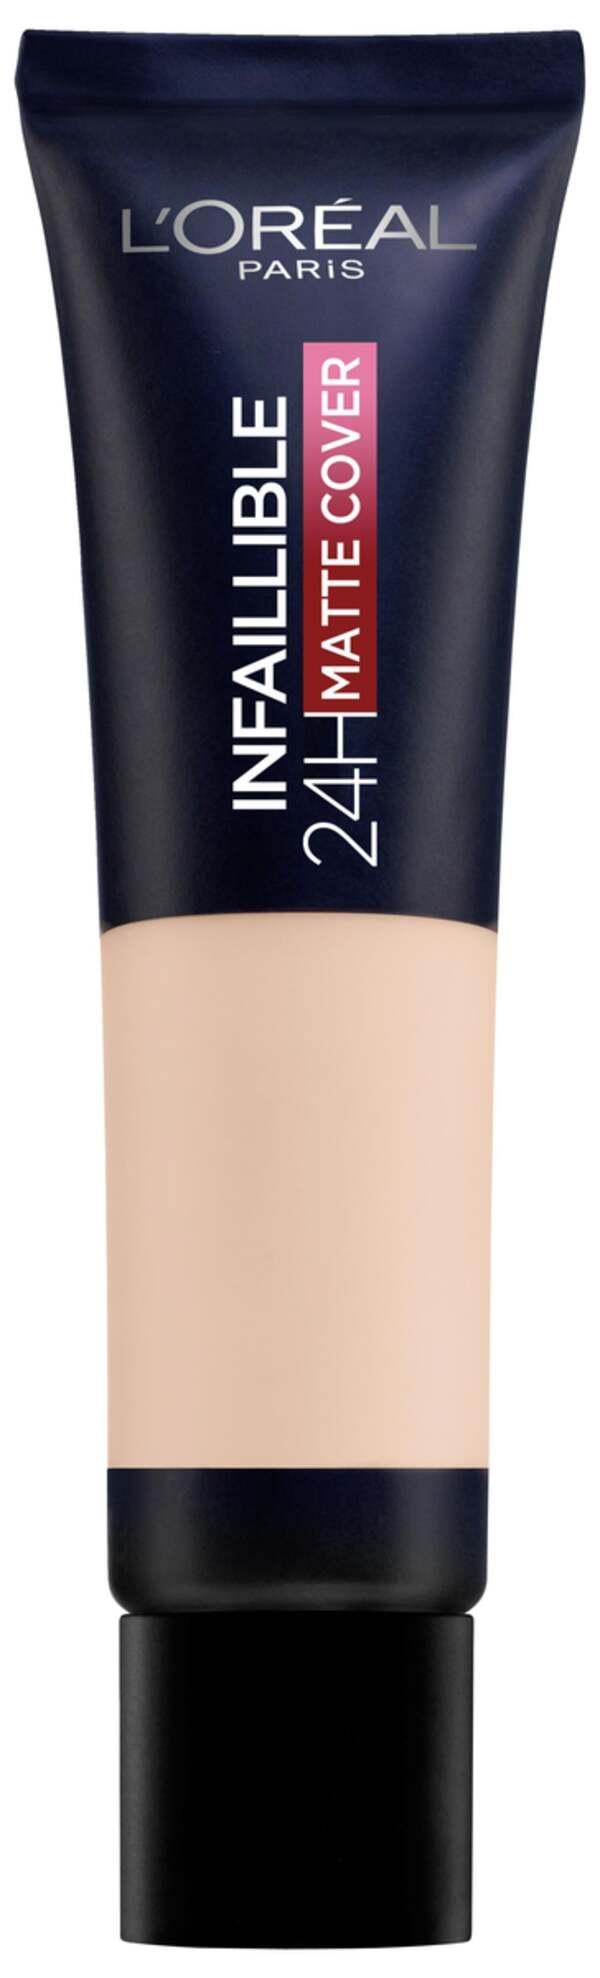 L'Oréal Paris Infaillible 24H Matte Cover 110 Vanille Rose/Rose Vanilla